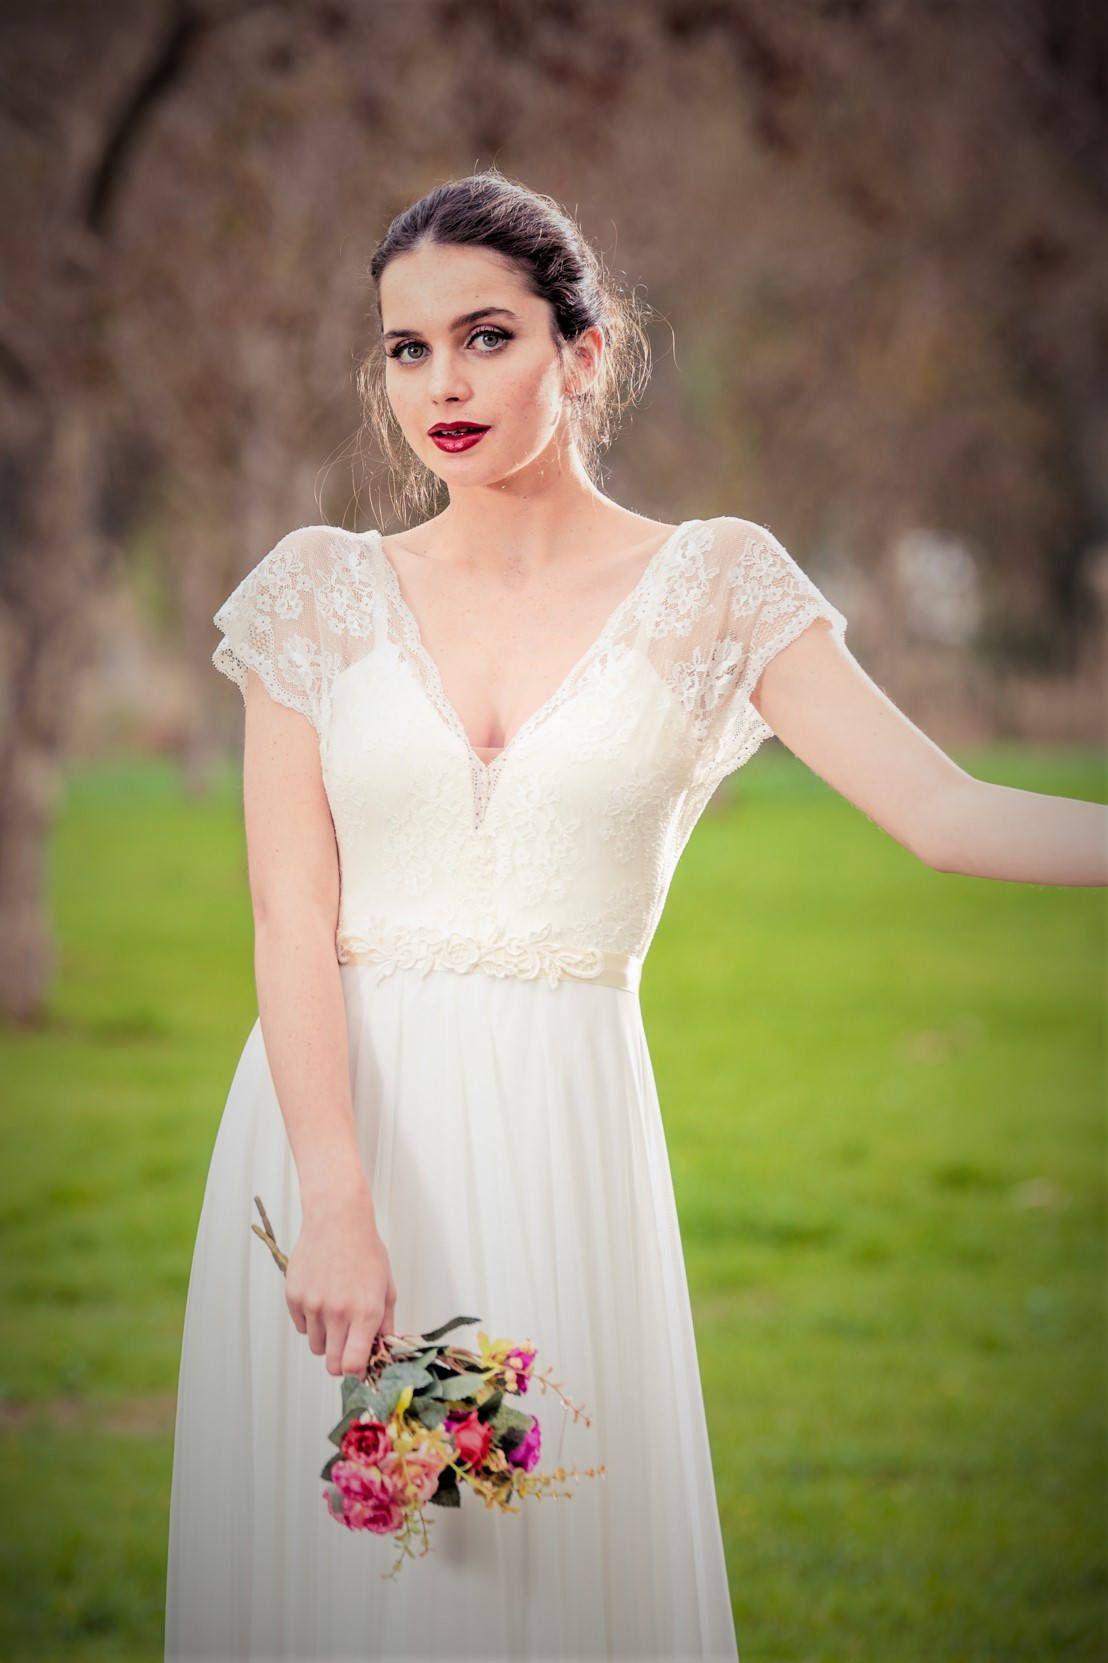 Cori romantic wedding dress with lace top and chiffon skirt boho